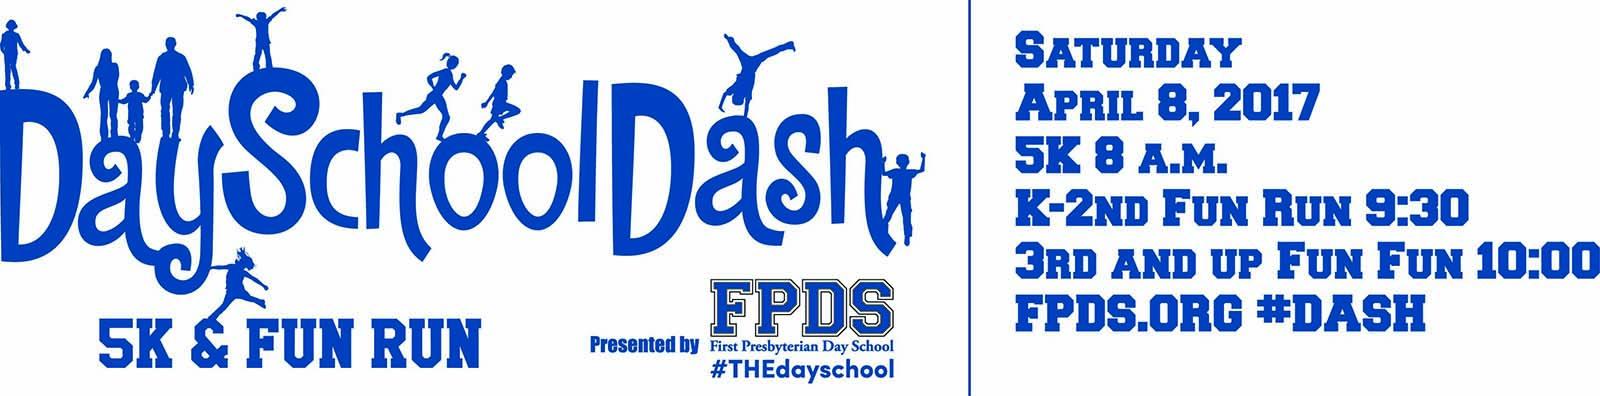 Day School Dash